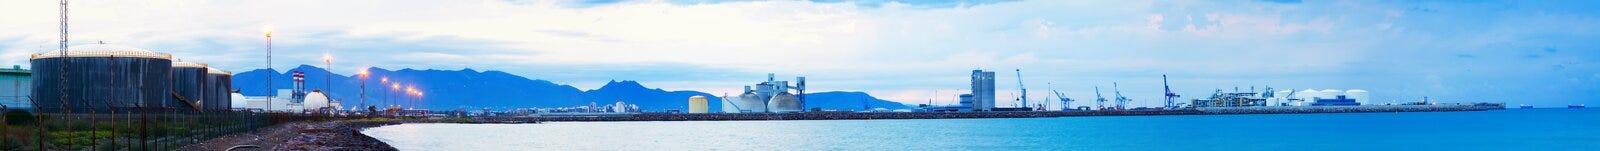 Industriell zon på den medelhavs- kusten Arkivbild